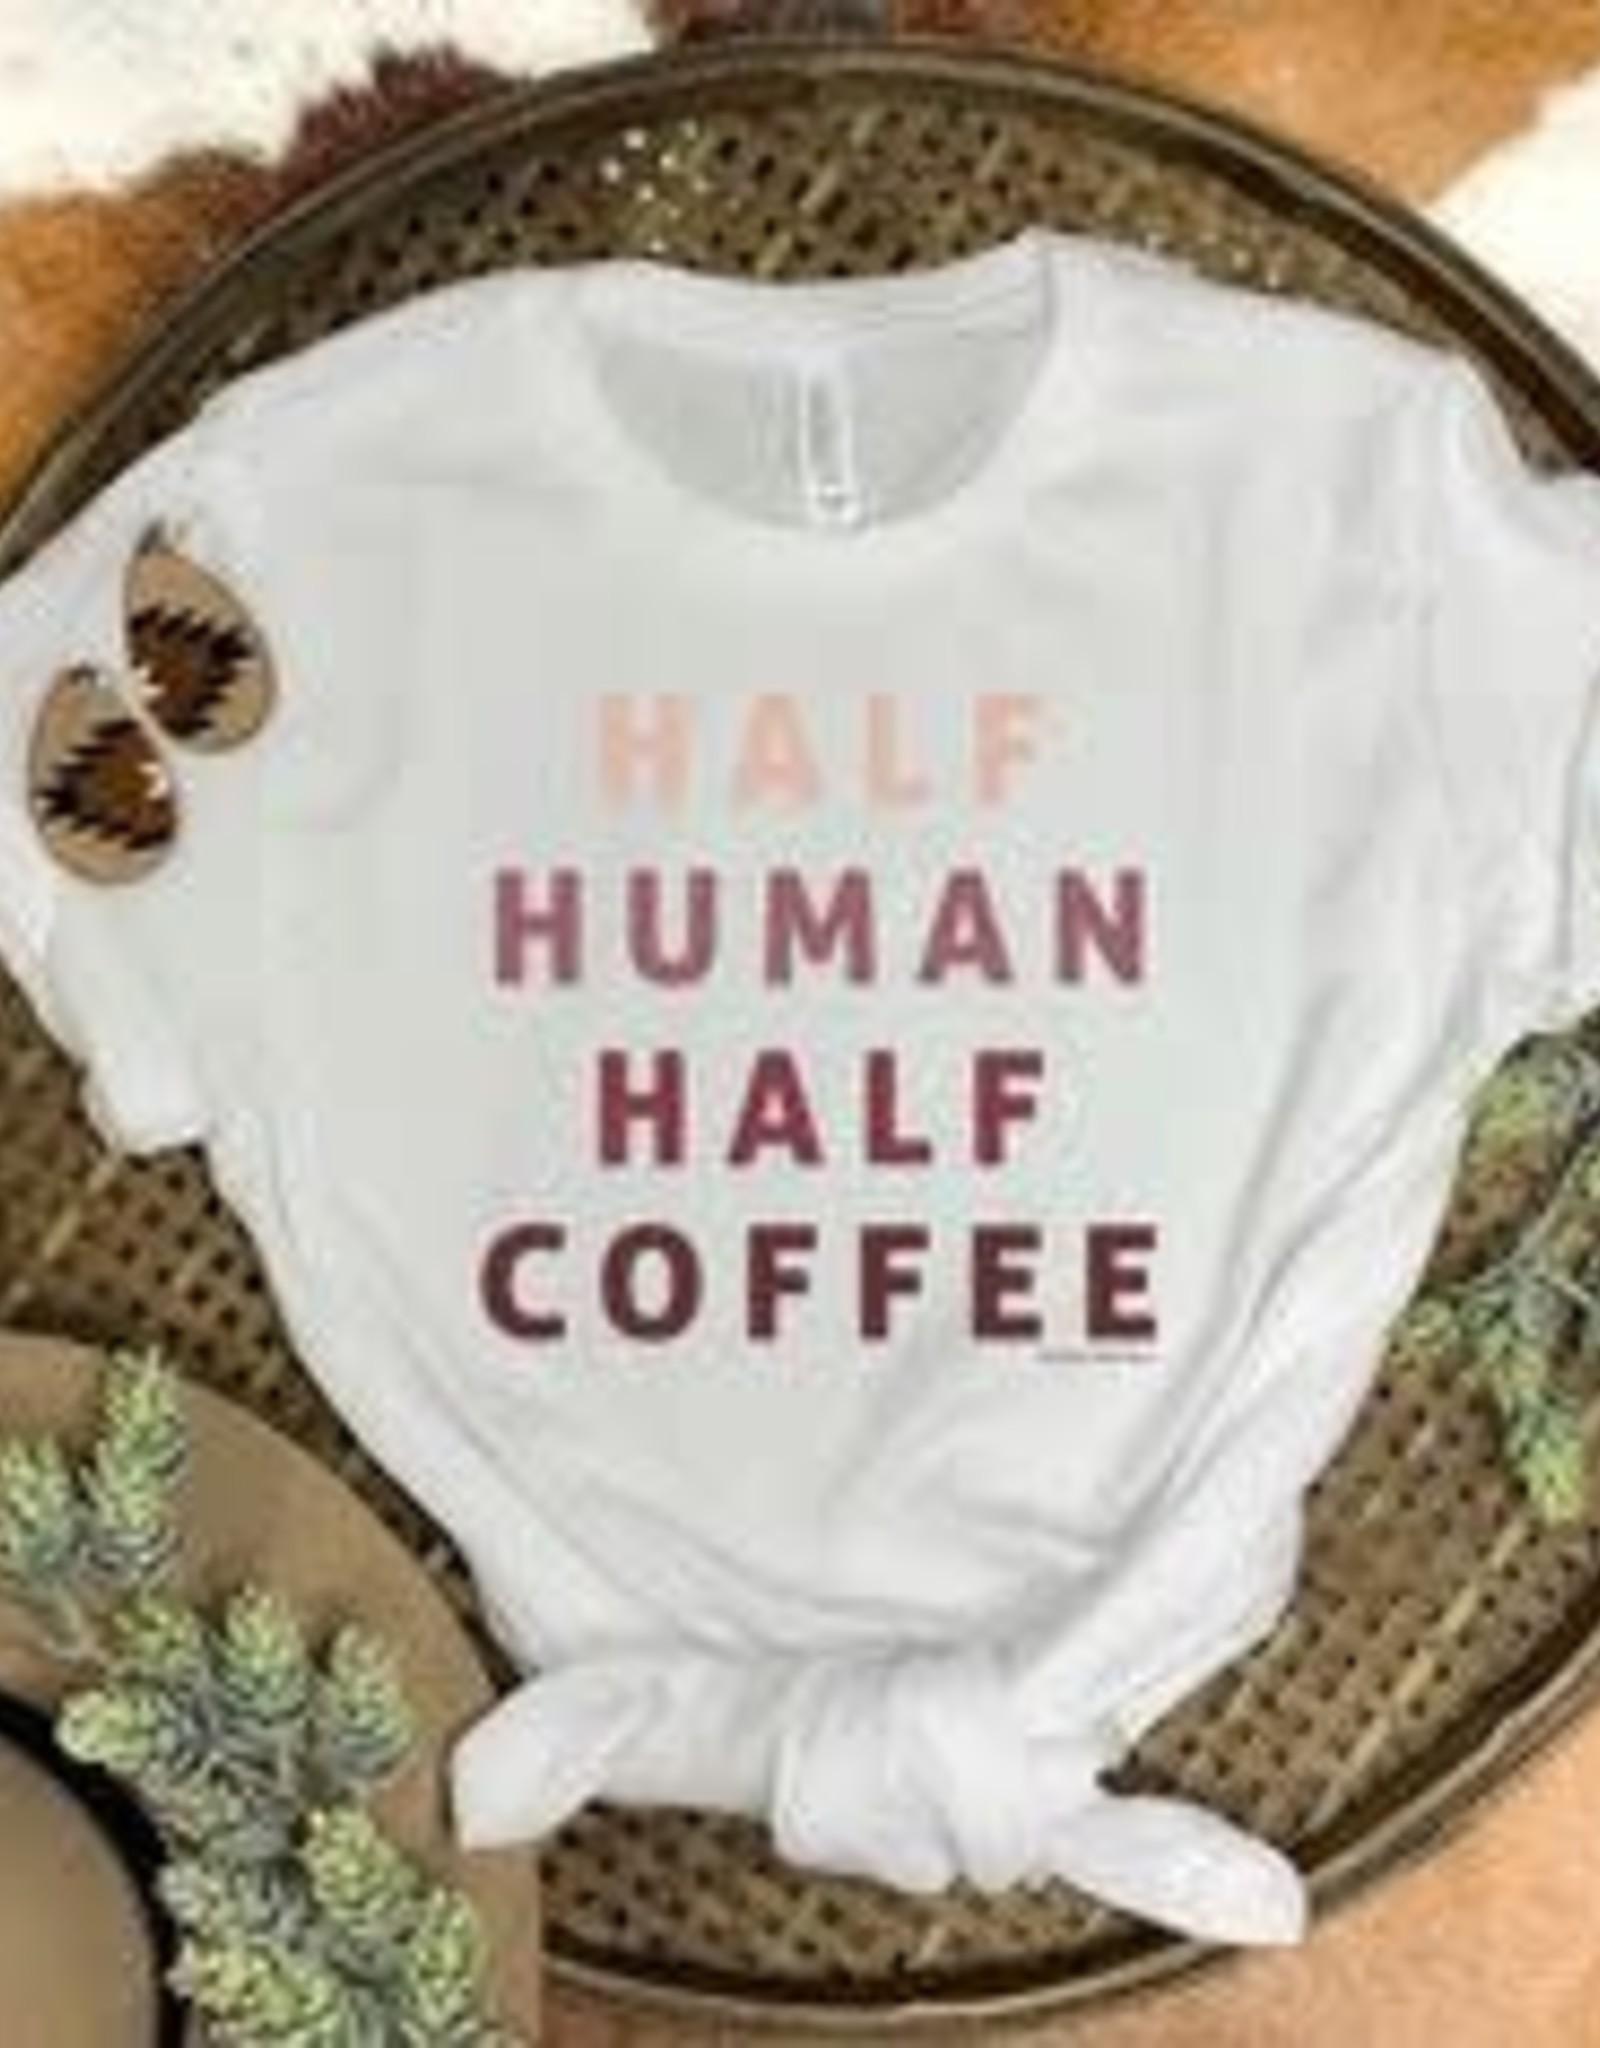 Wink Half Human Half Coffee Tee